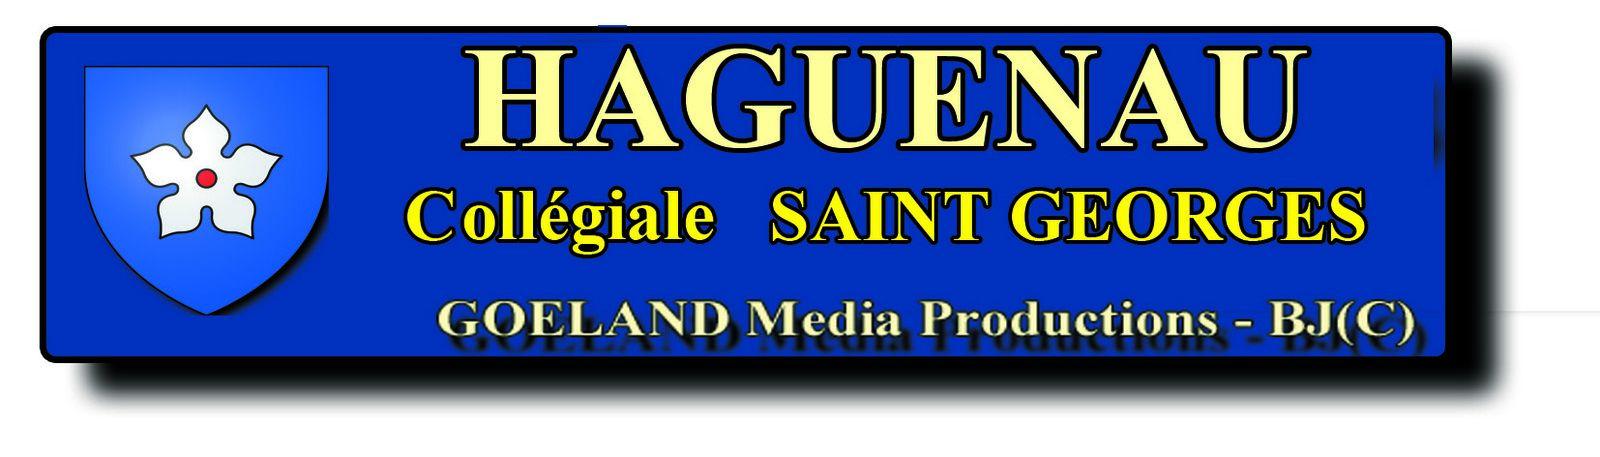 Collégiale Saint Georges de HAGUENAU - Photos BJ(c) - Alsace - région Gd Est